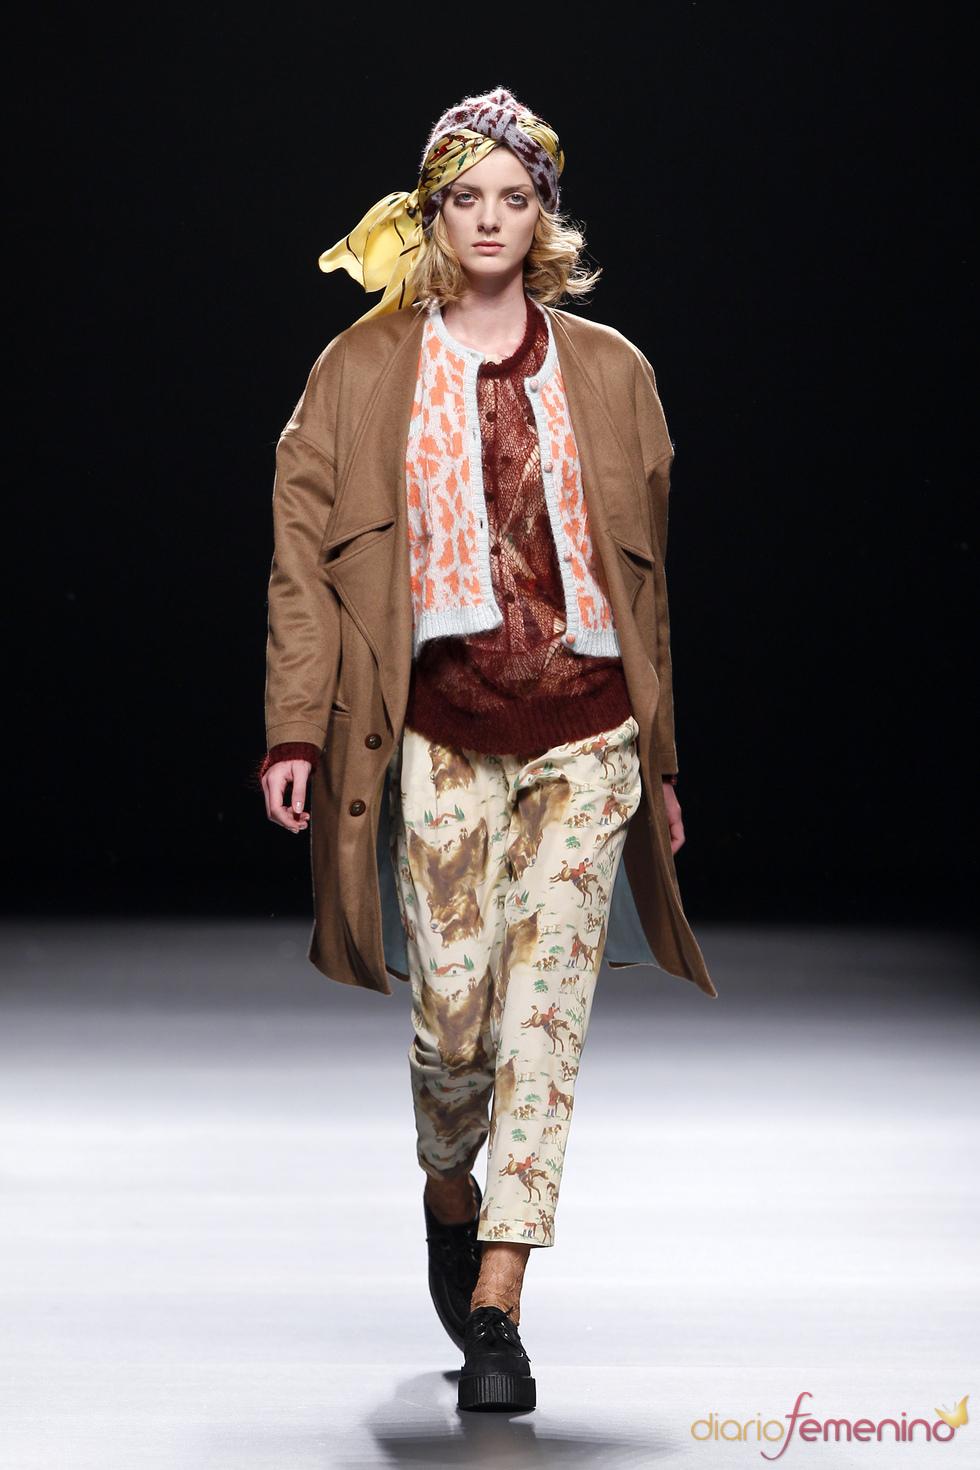 Fotos Moda: El Delgado Buil en Cibeles Madrid Fashion Week